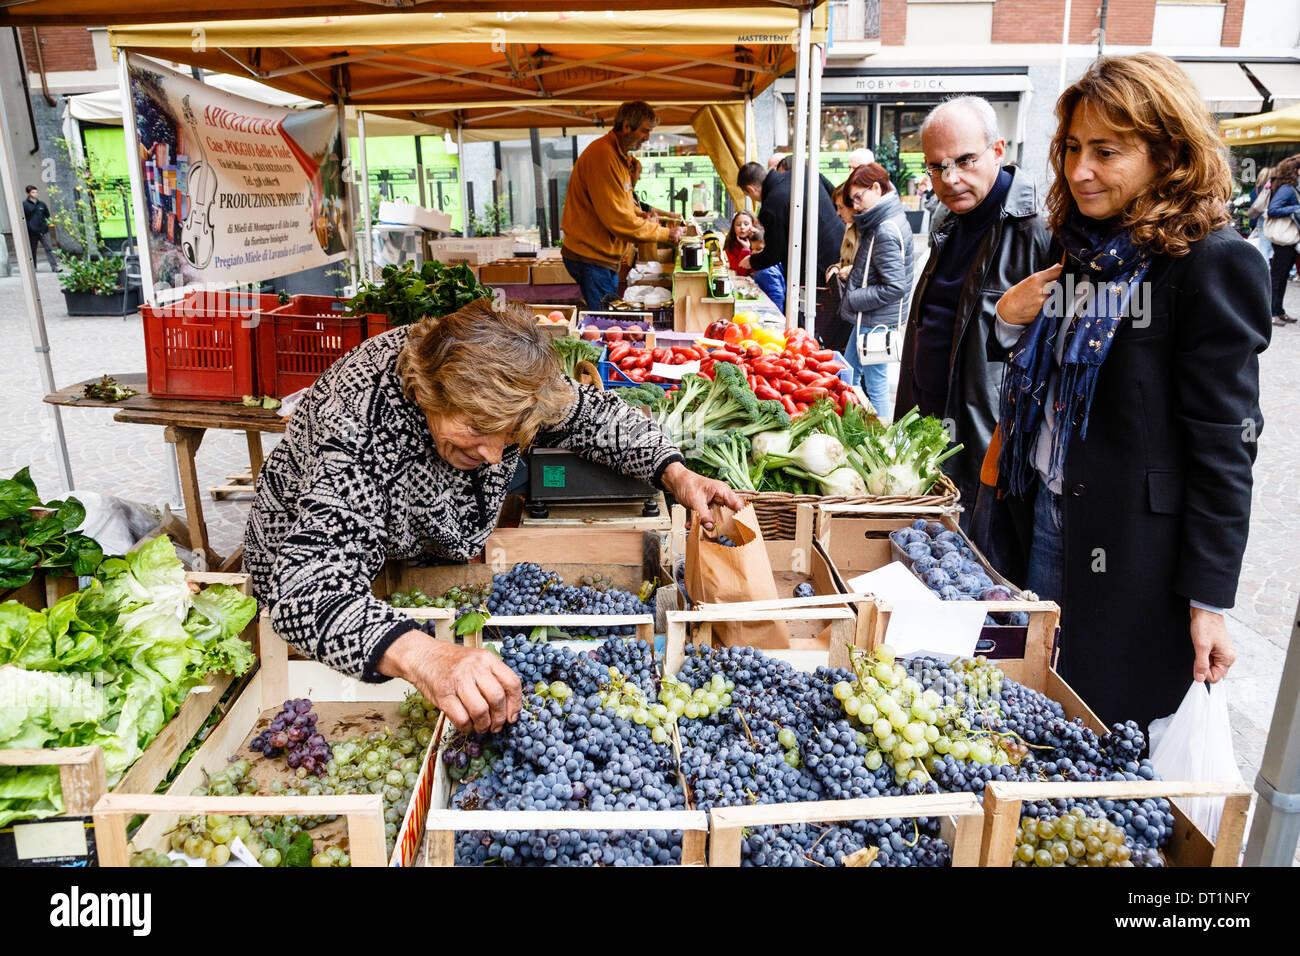 La frutta e la verdura in stallo in un mercato di Alba Langhe, Cueno, Piemonte, Italia, Europa Immagini Stock